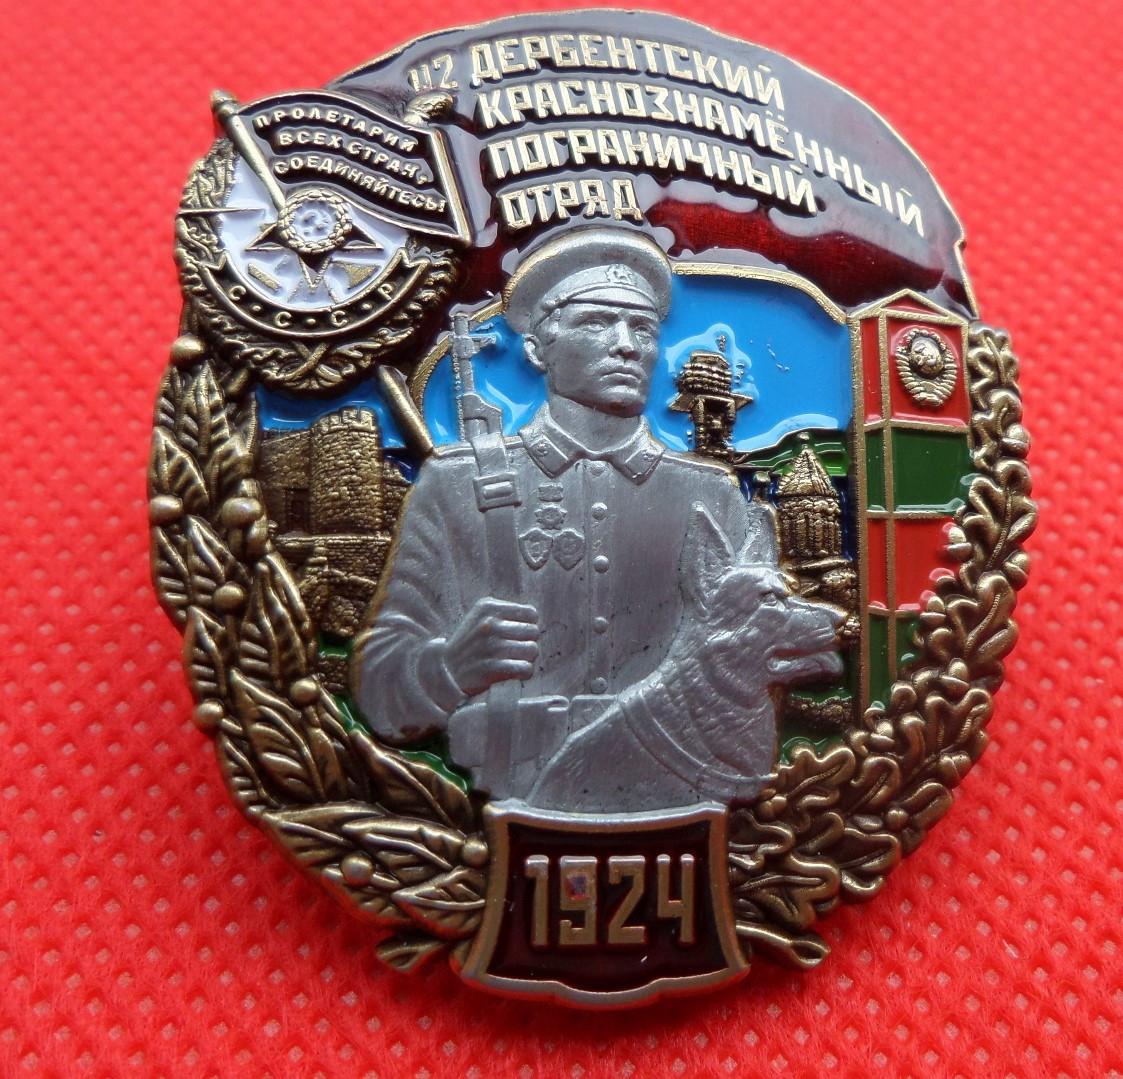 Знак 42 Дербентский краснознаменный пограничный отряд Погранвойска КГБ СССР